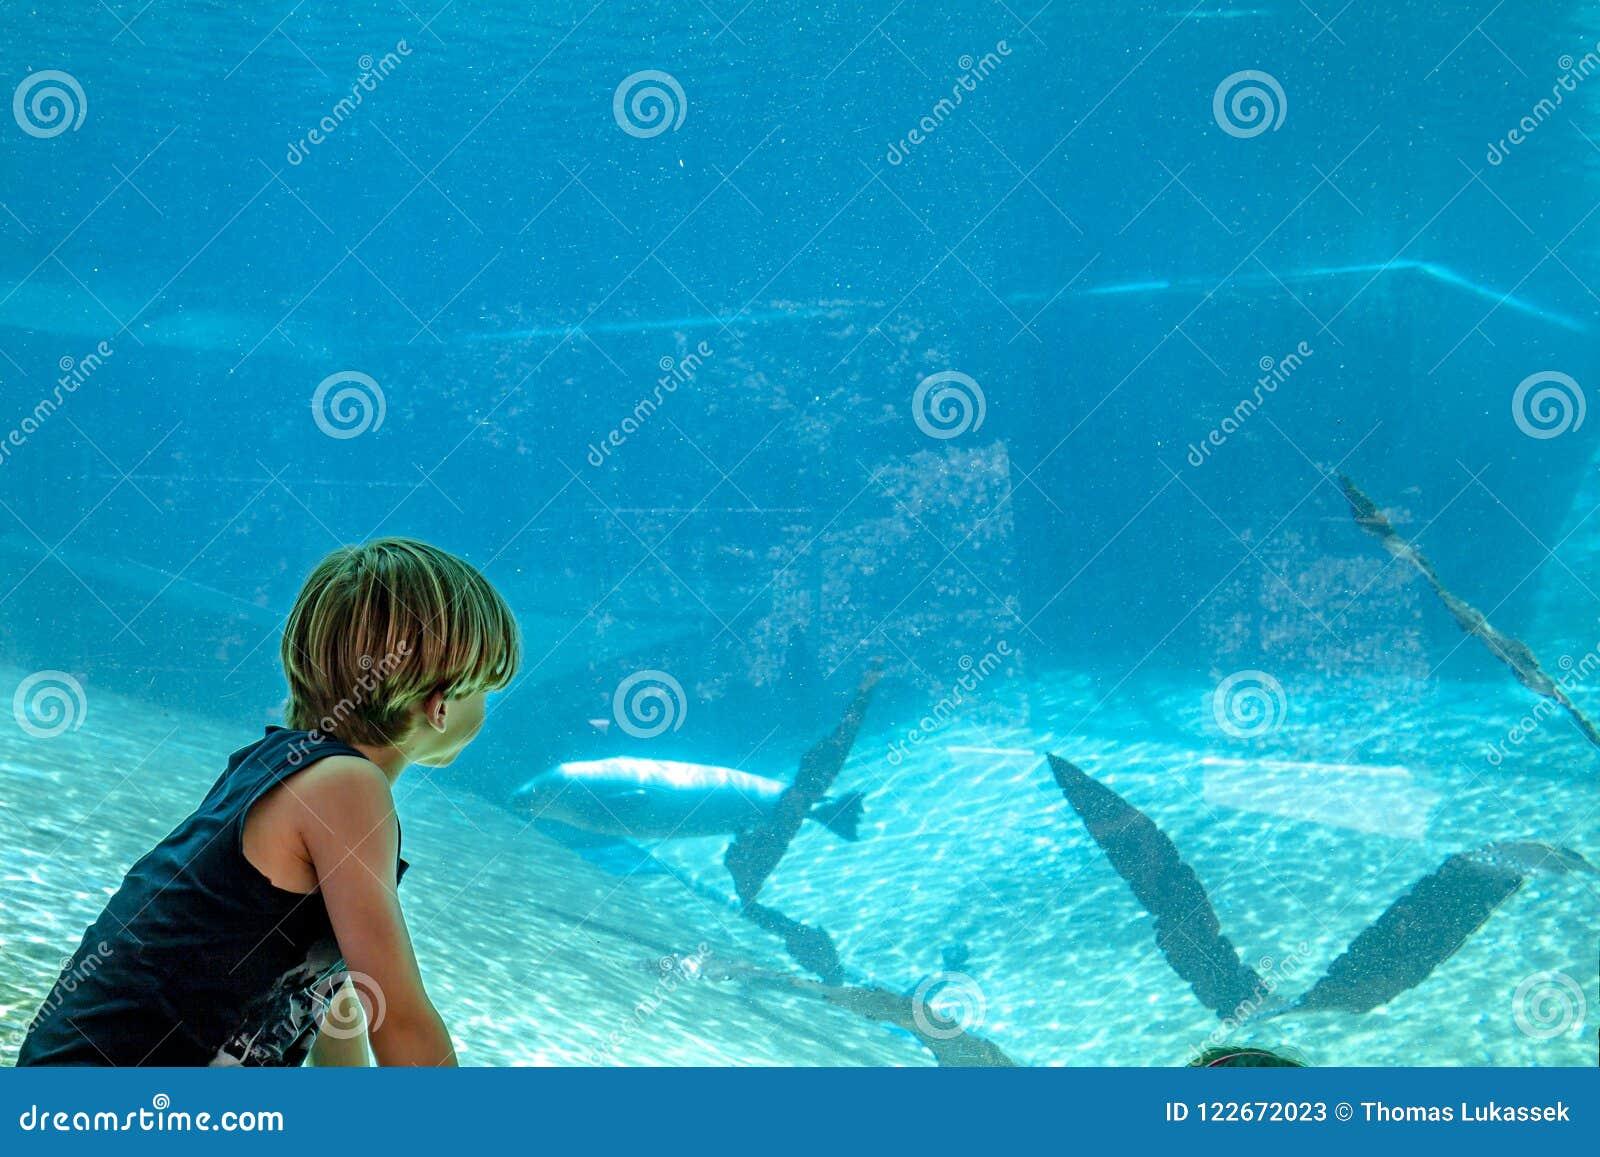 Σκιαγραφία ενός αγοριού που εξετάζει aeal στο ενυδρείο